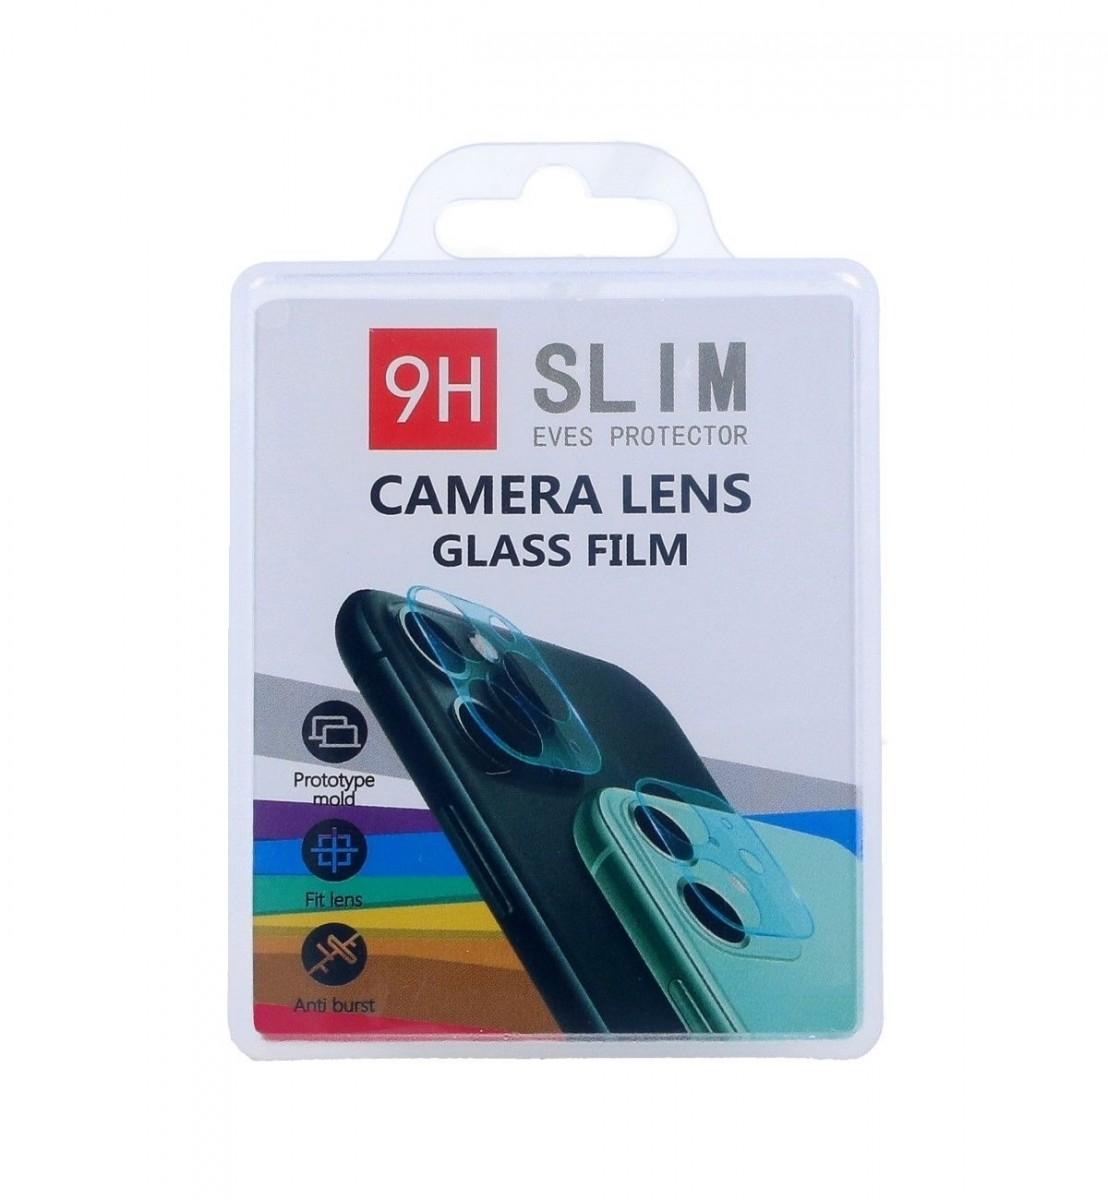 Tvrzené sklo TopQ na zadní fotoaparát iPhone 12 mini 54785 (ochranné sklo na zadní čočku fotoaparátu iPhone 12 mini)